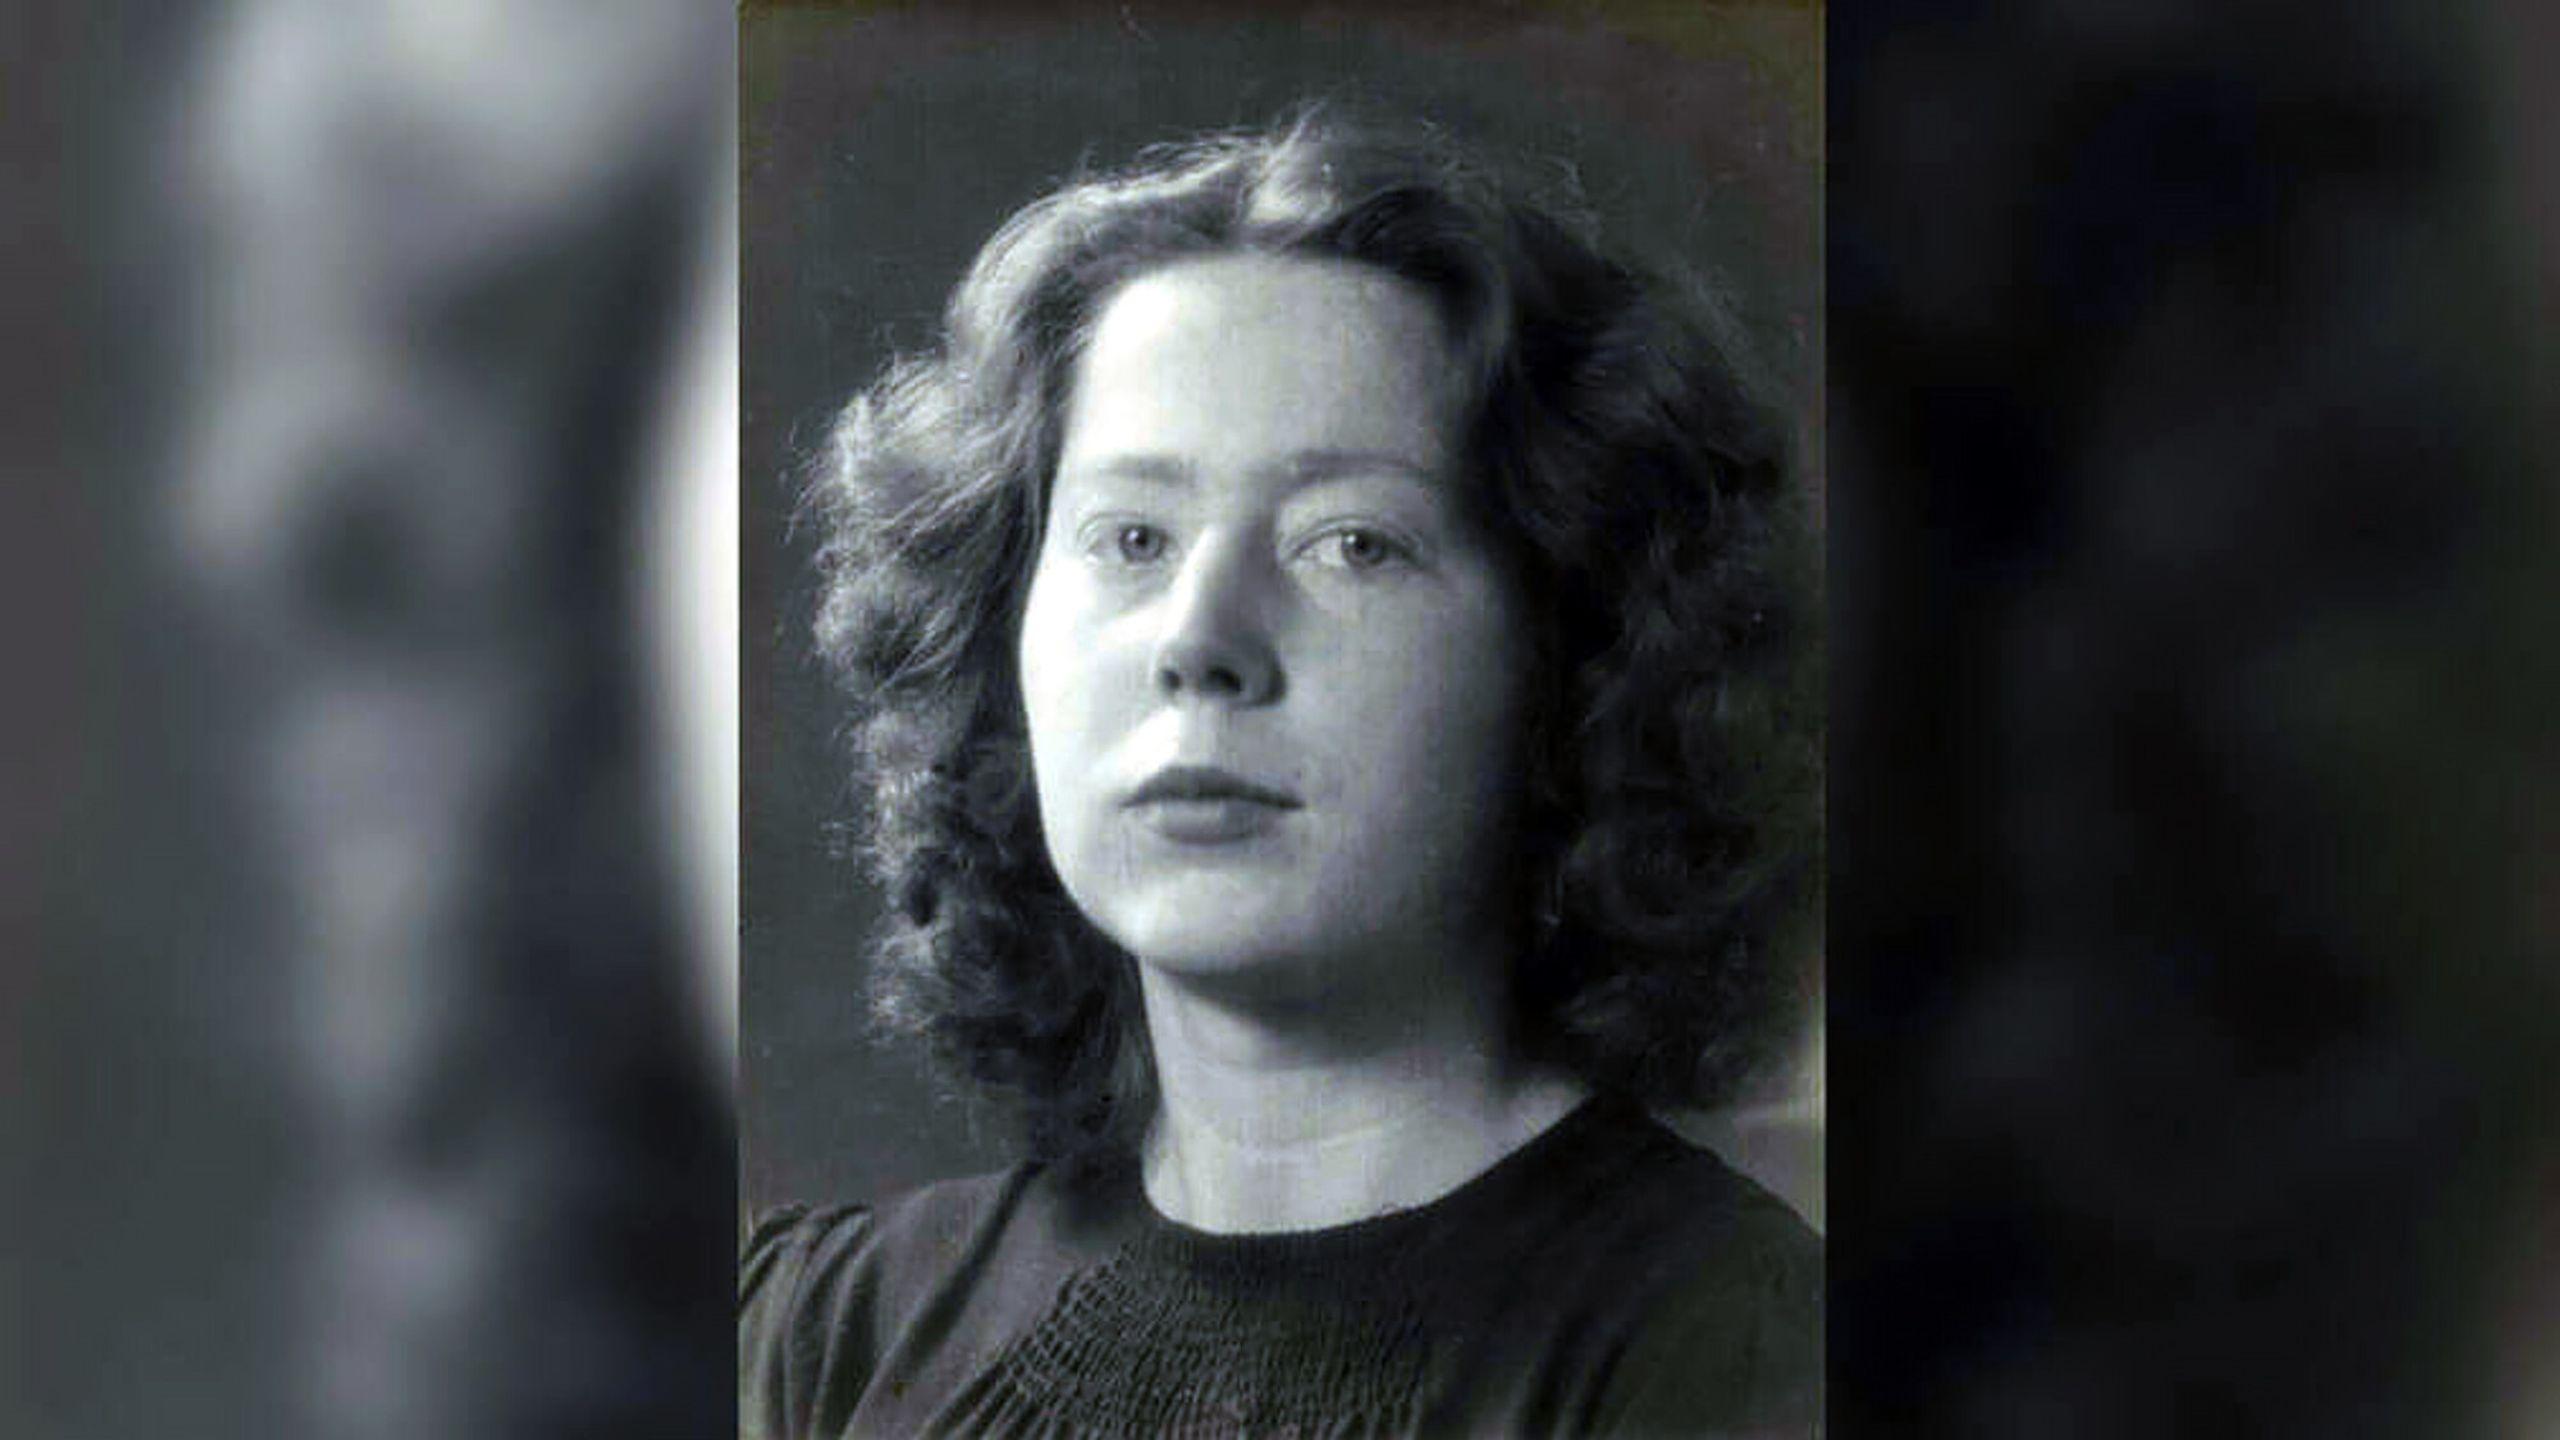 NOS 100 jaar Hannie Schaft